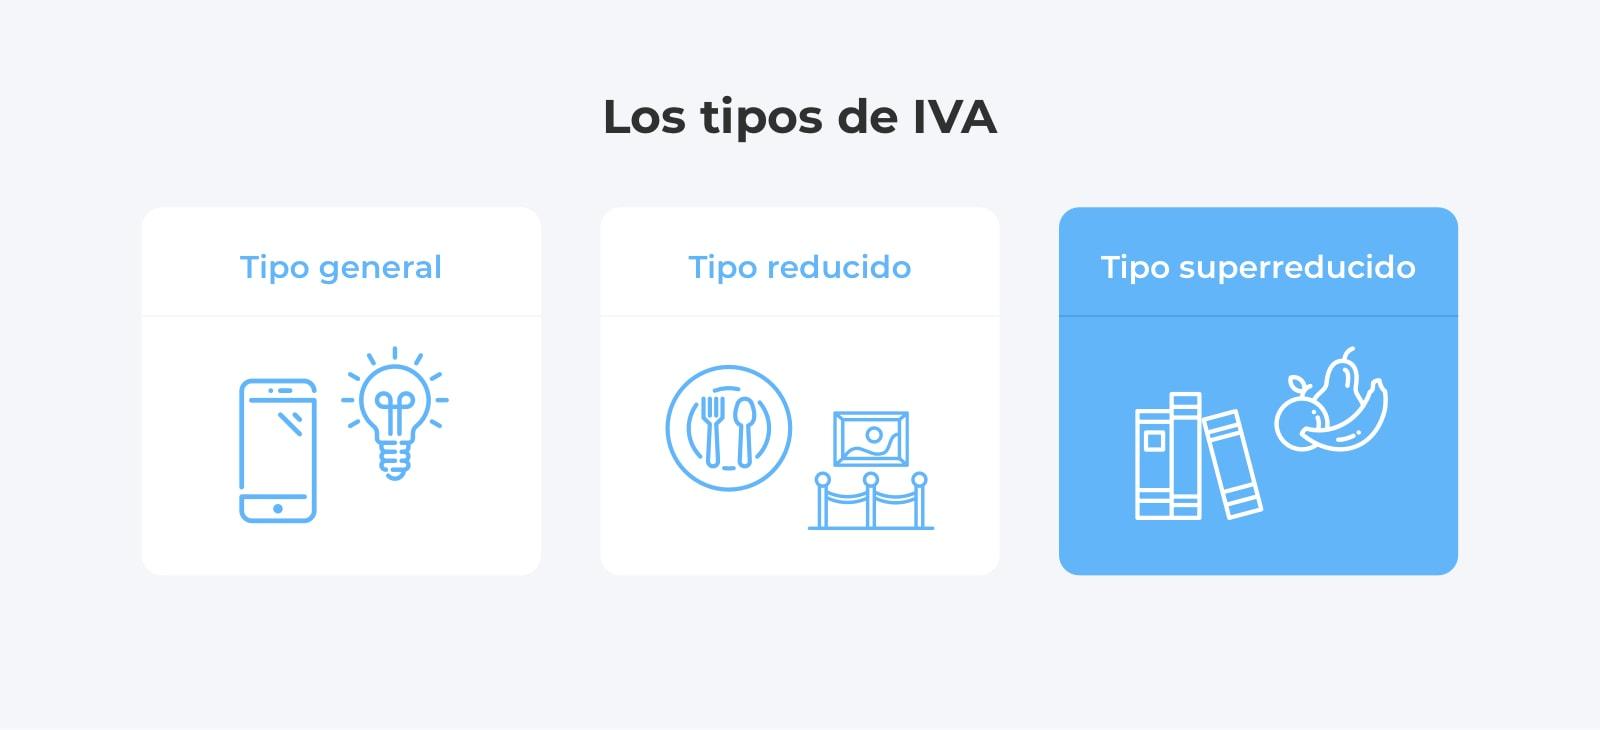 Los 3 tipos de IVA: el tipo general, el reducido y el super reducido